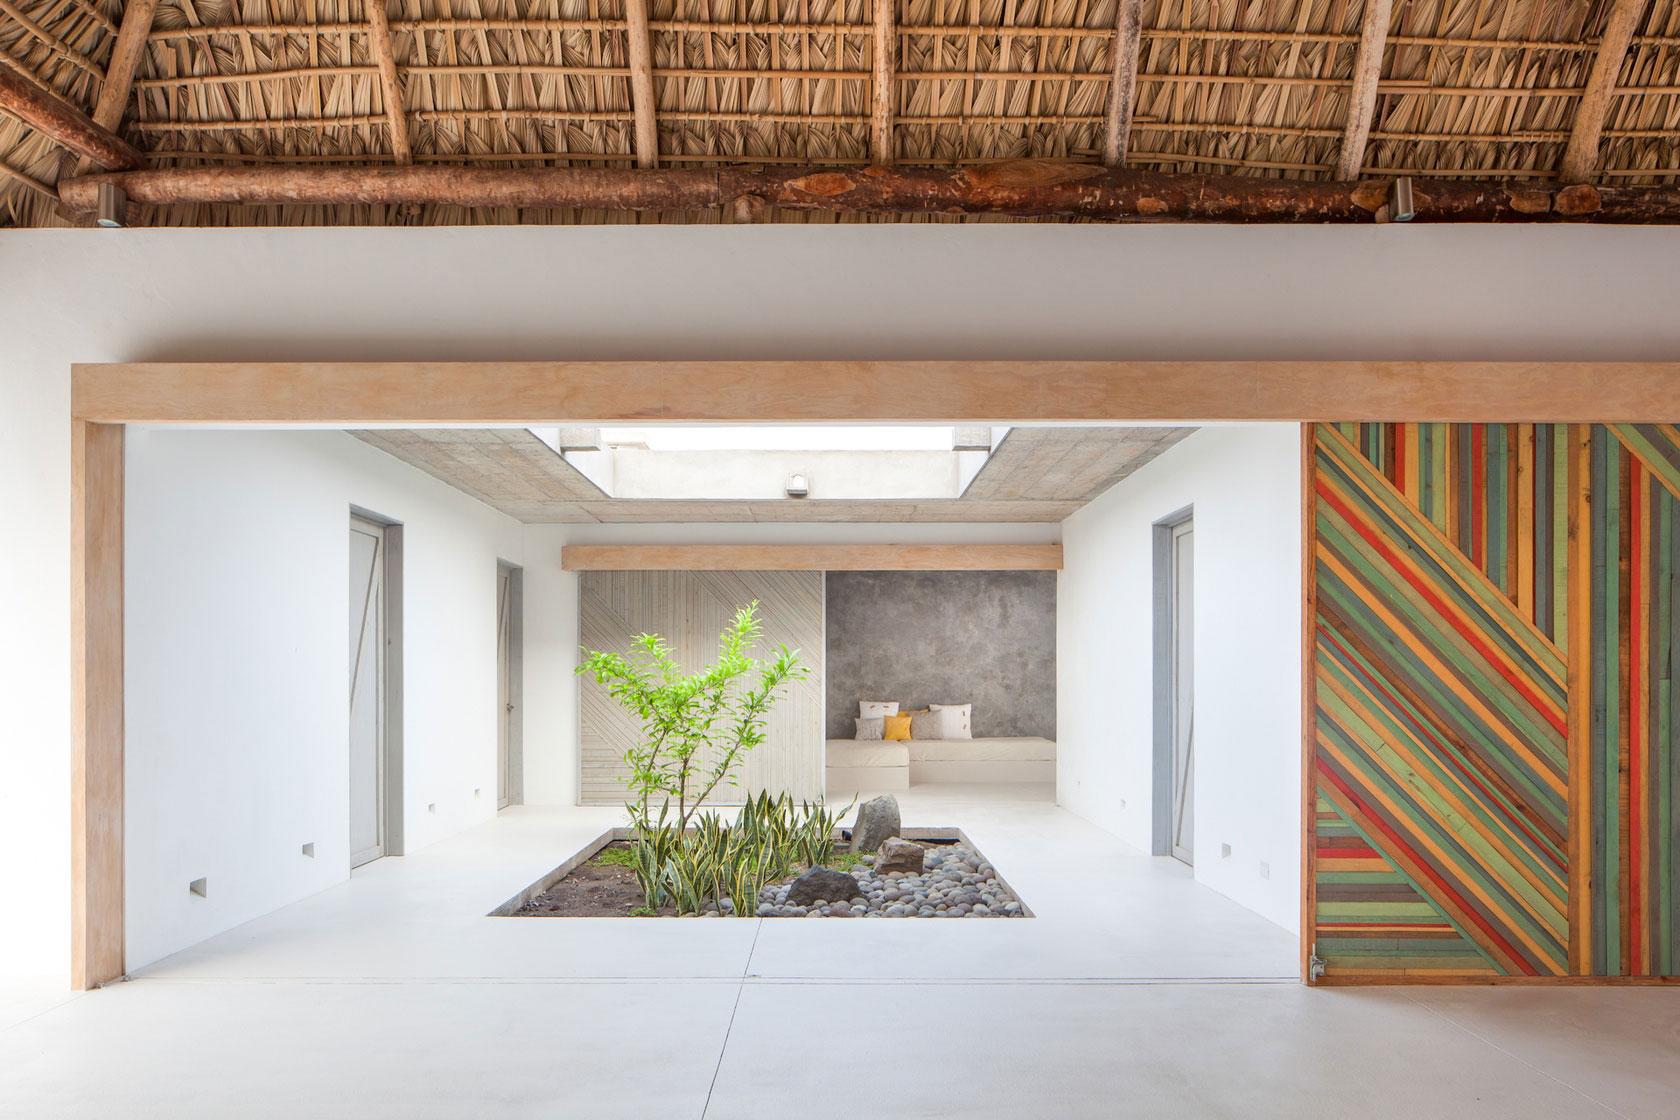 Courtyard, Garden, Beach House in San Salvador, El Salvador